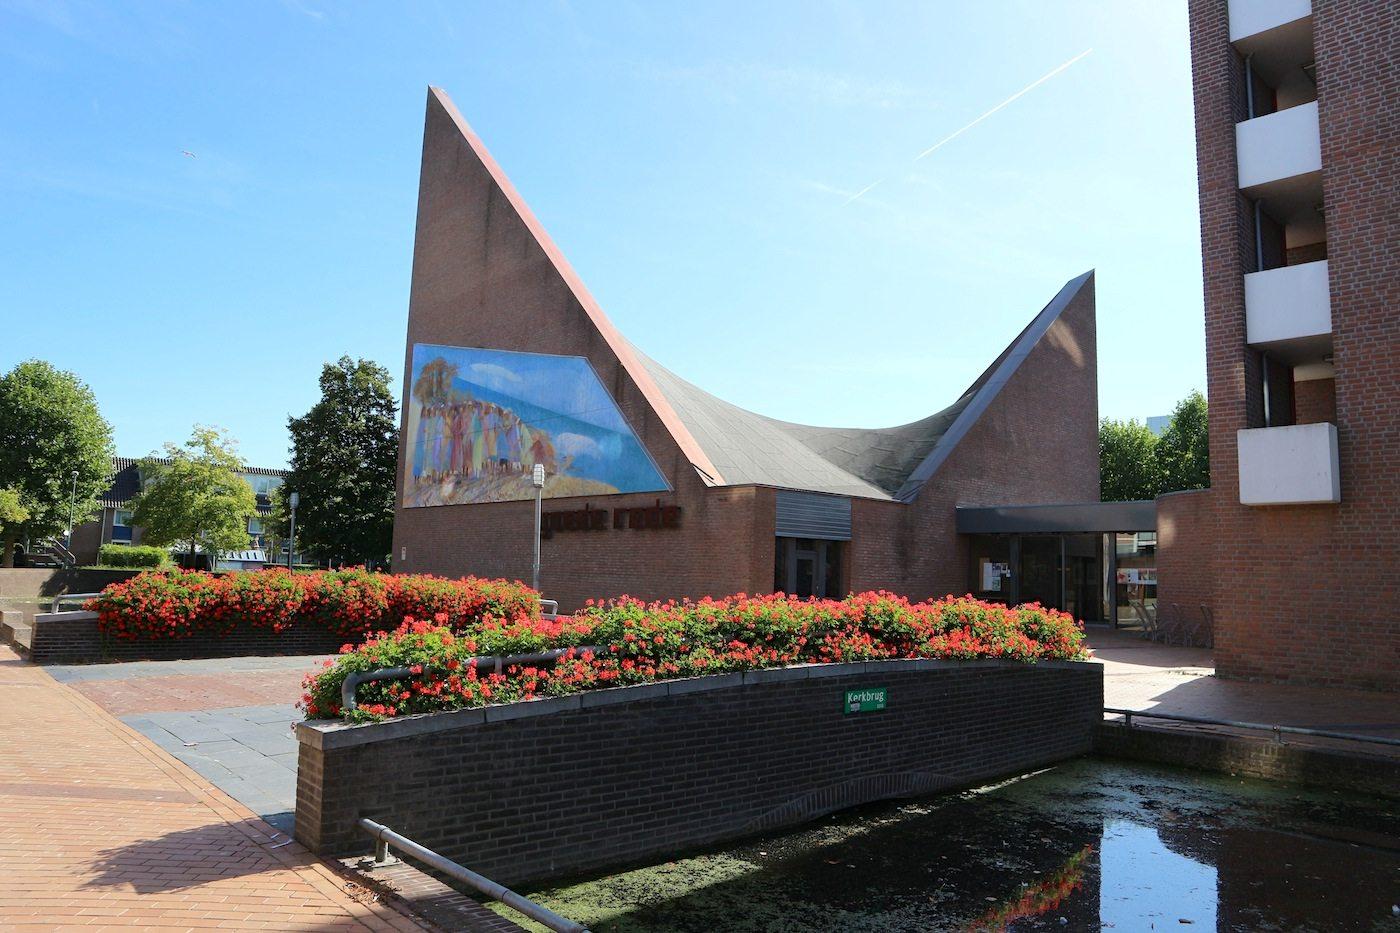 Kirche De Goede Rede.  Architectenbureau Steen, Tuinhof & Weerstra, Leeuwarden